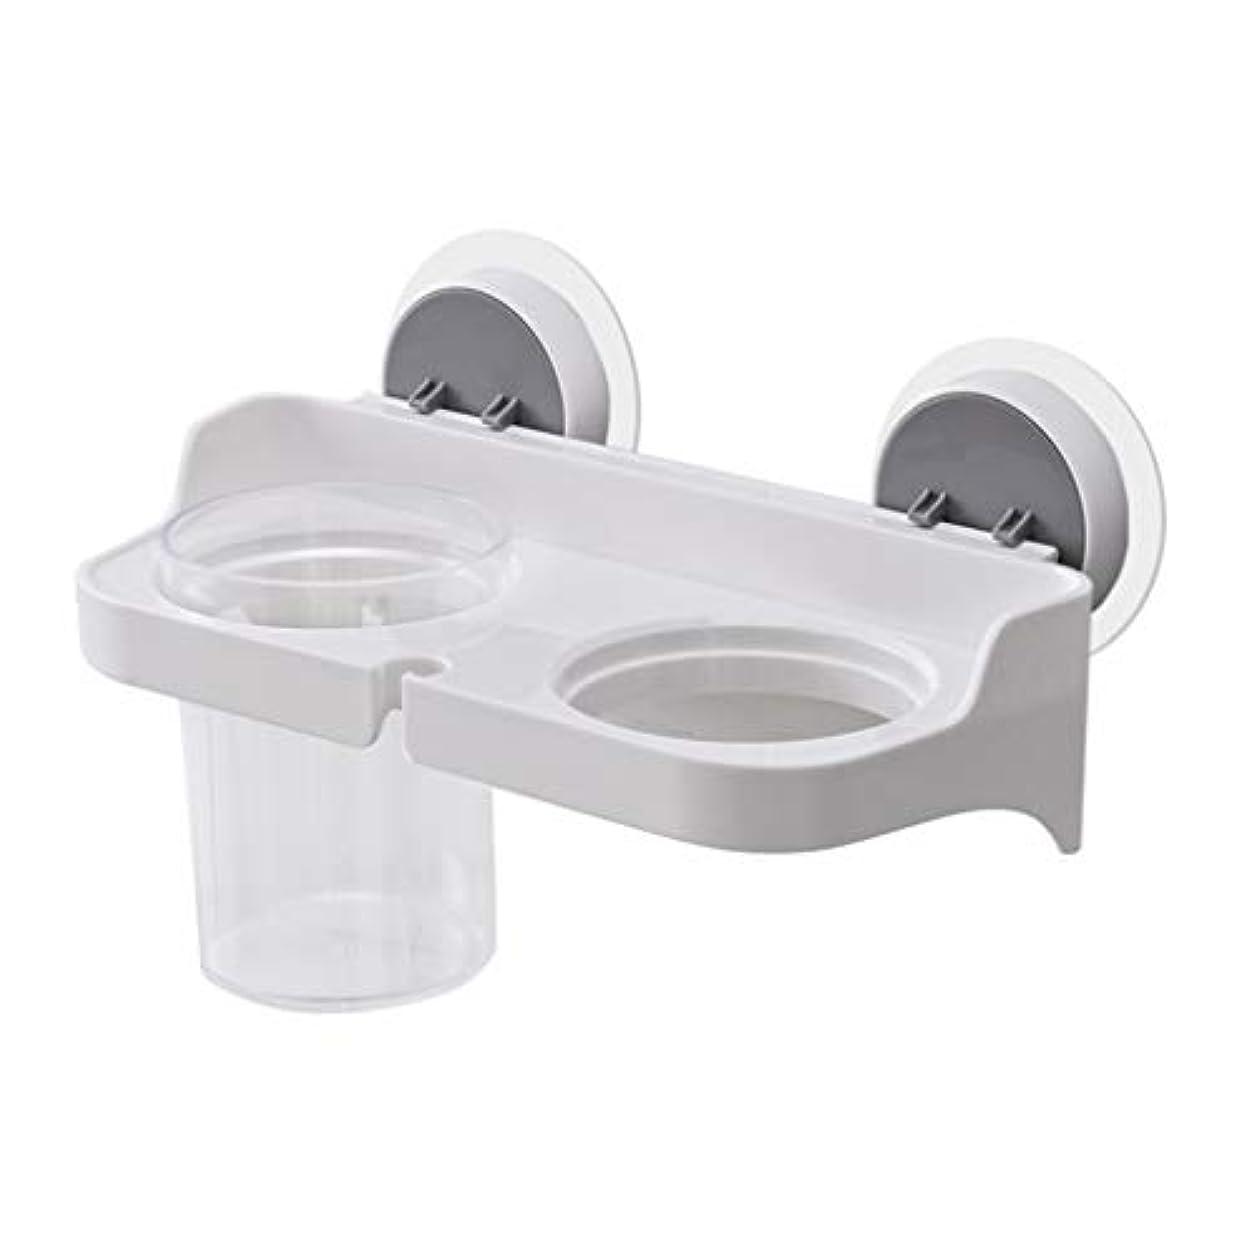 スカイスラッシュ助けになるヘアドライヤーブラケット、浴室収納ラック壁掛けサクションカップ化粧品ラックオーガナイザー - 簡単にインストールホワイト